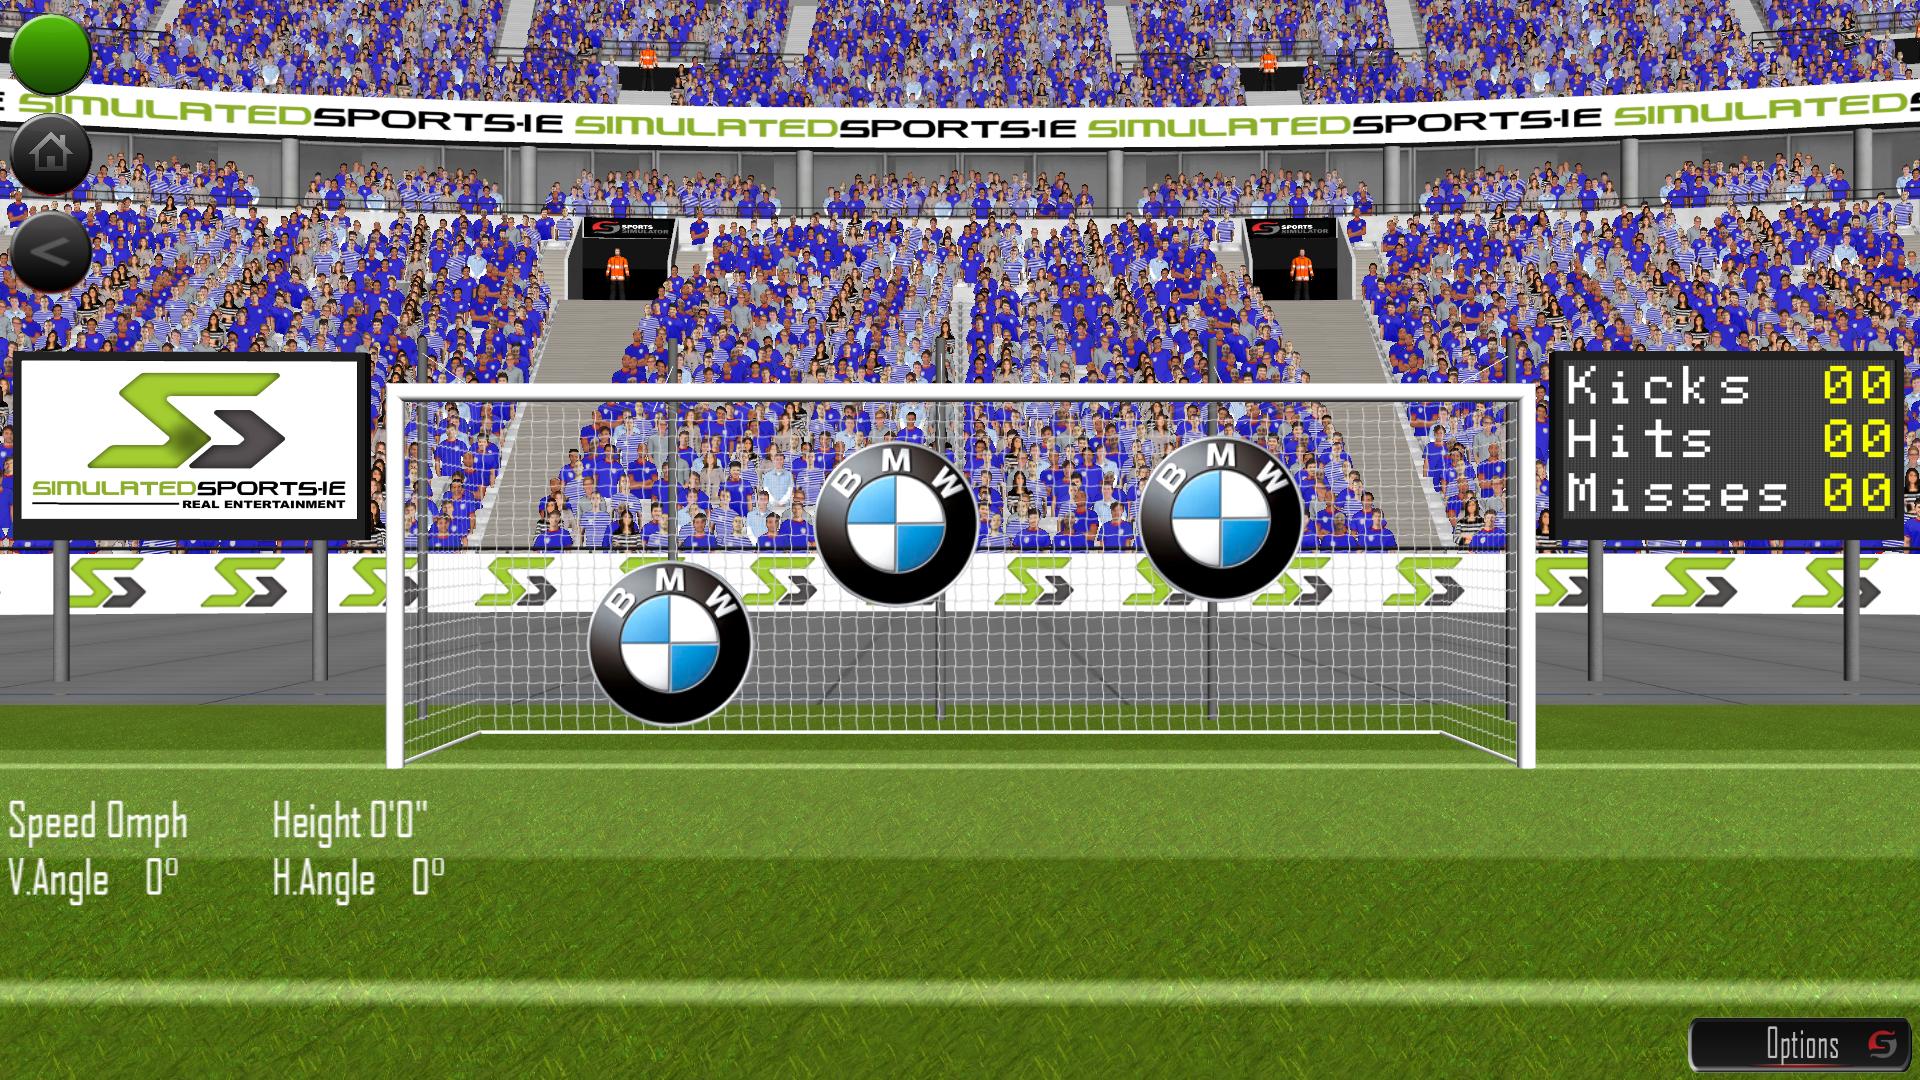 BMW Targets Stade Francais